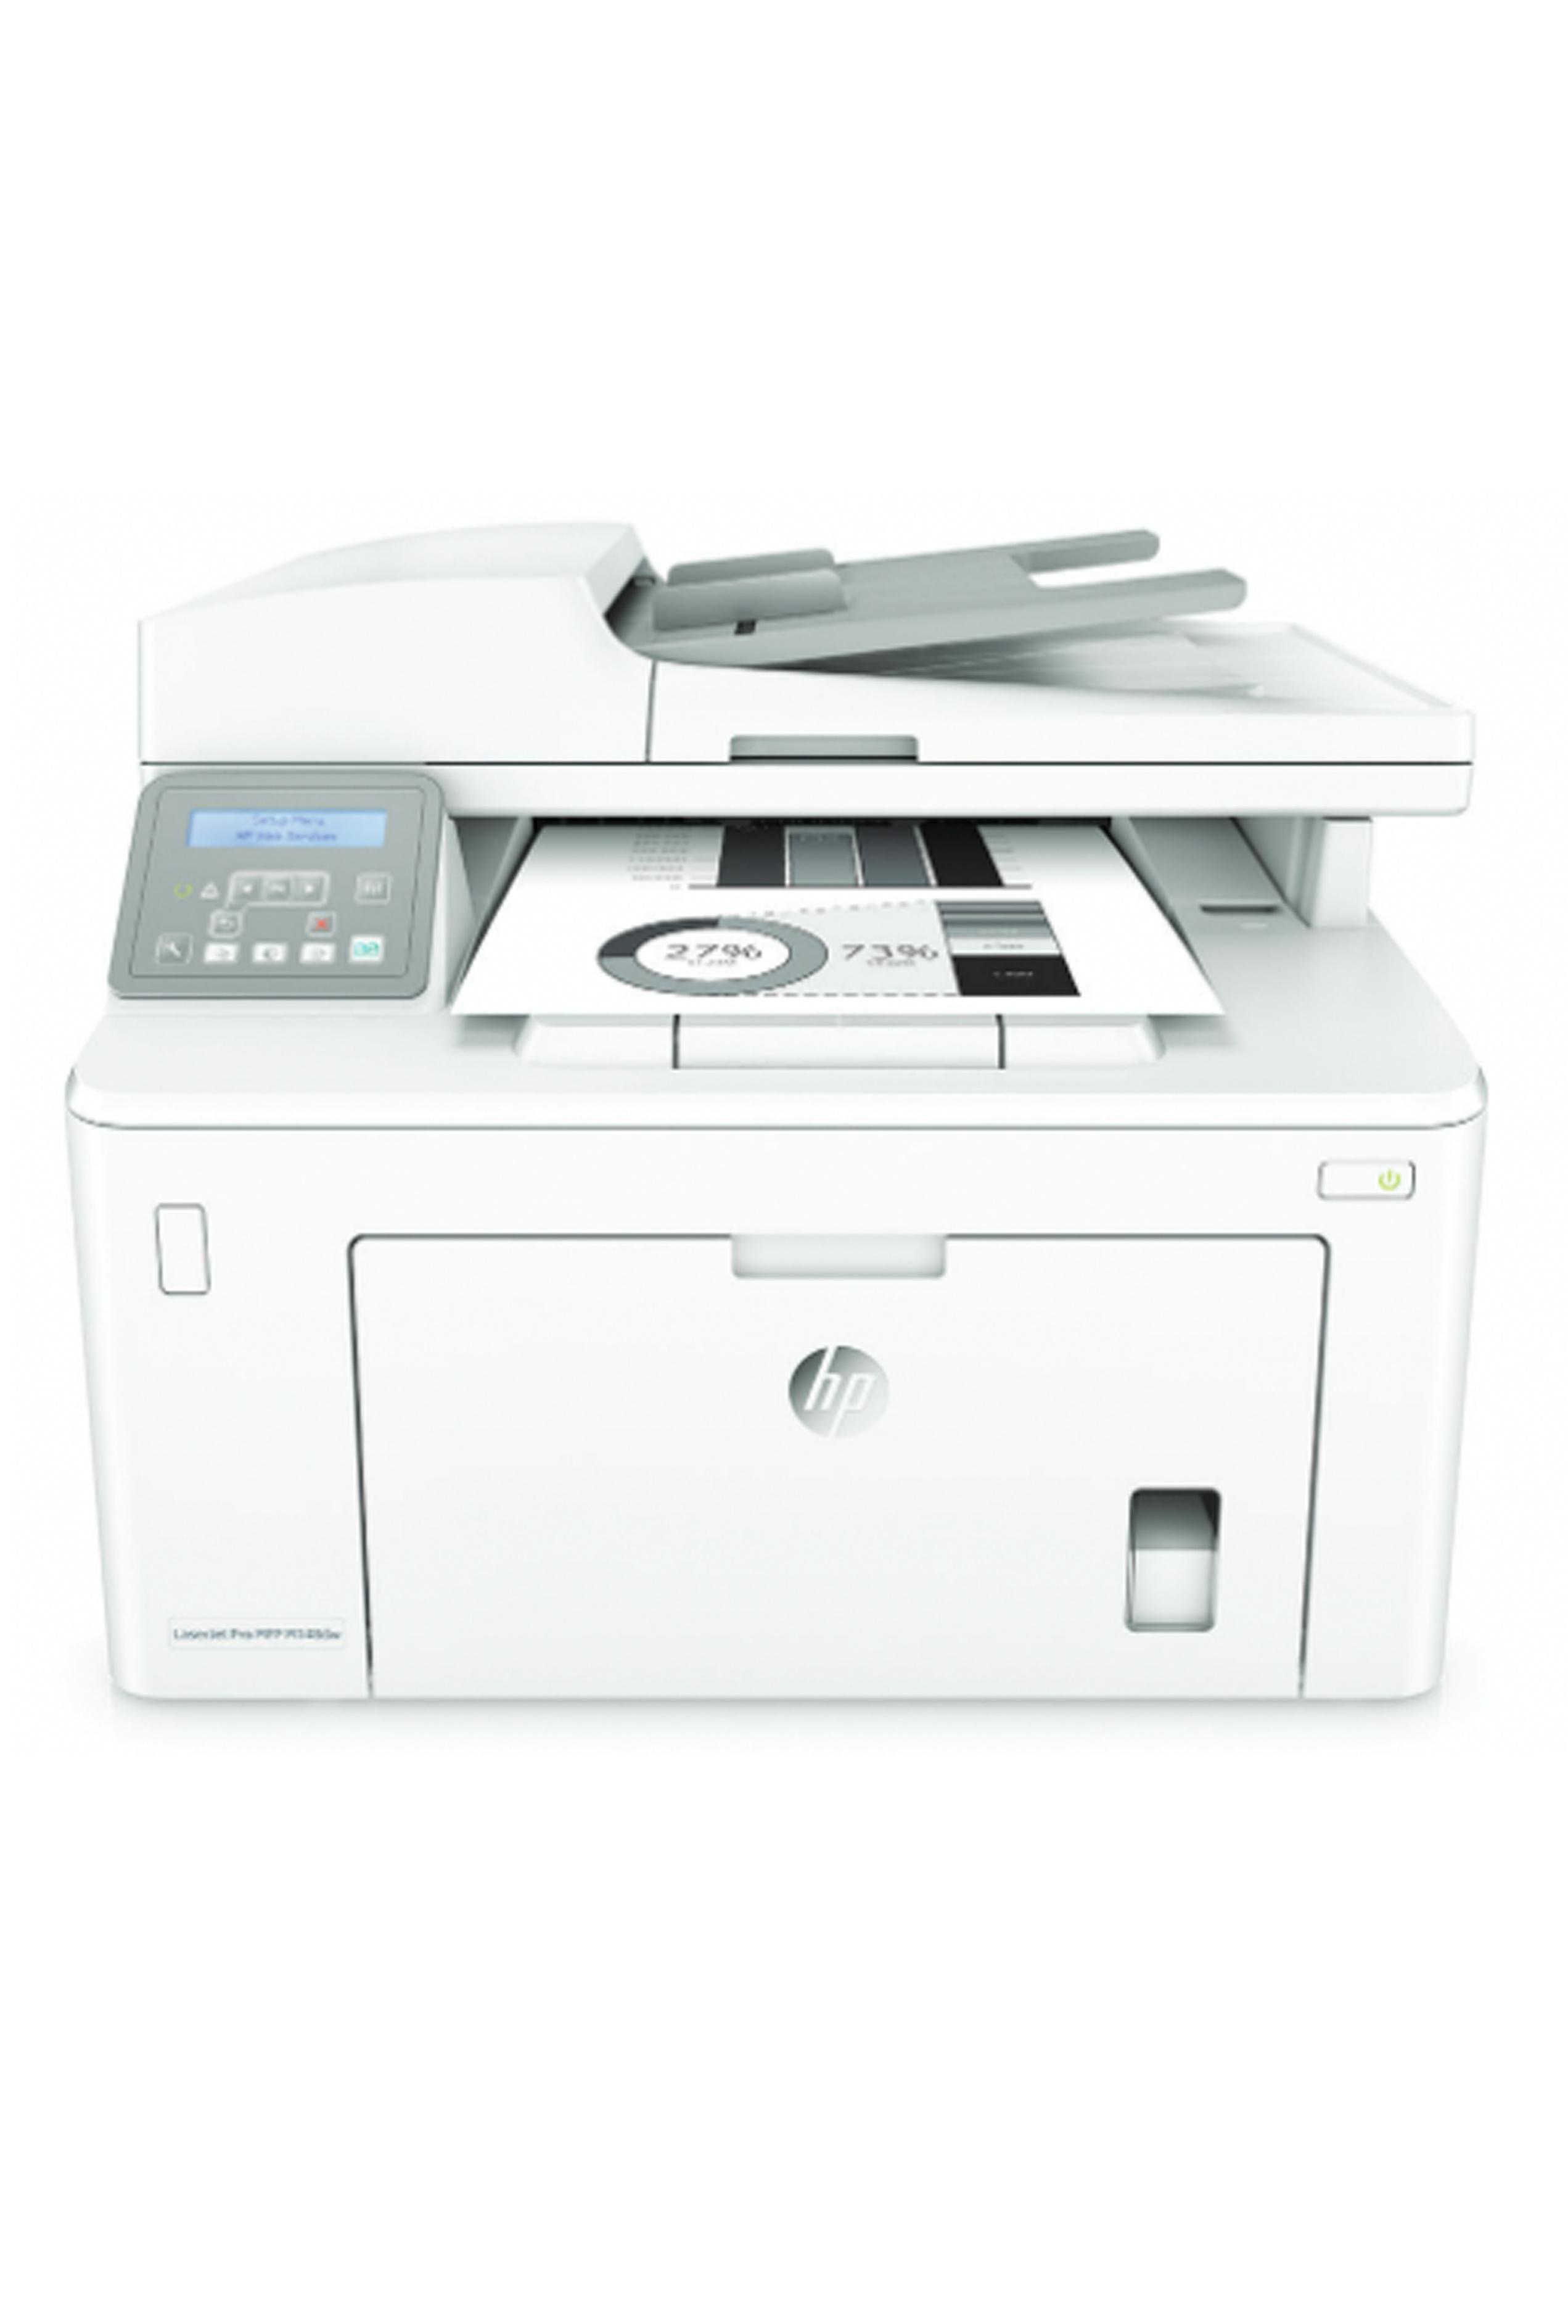 HP LASERJET PRO MFP M148DW (30 PPM)